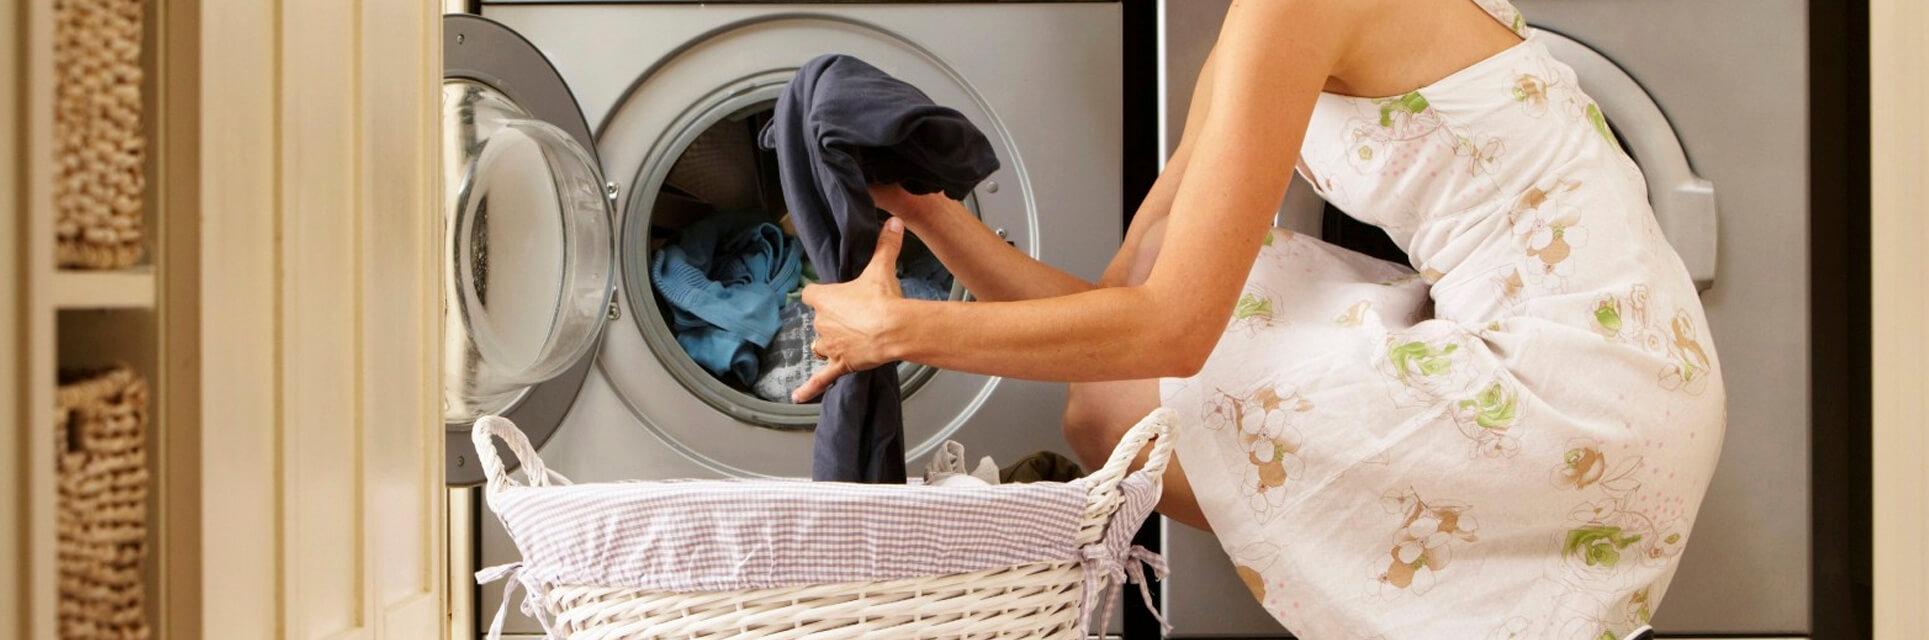 Servicio técnico lavadoras siemens